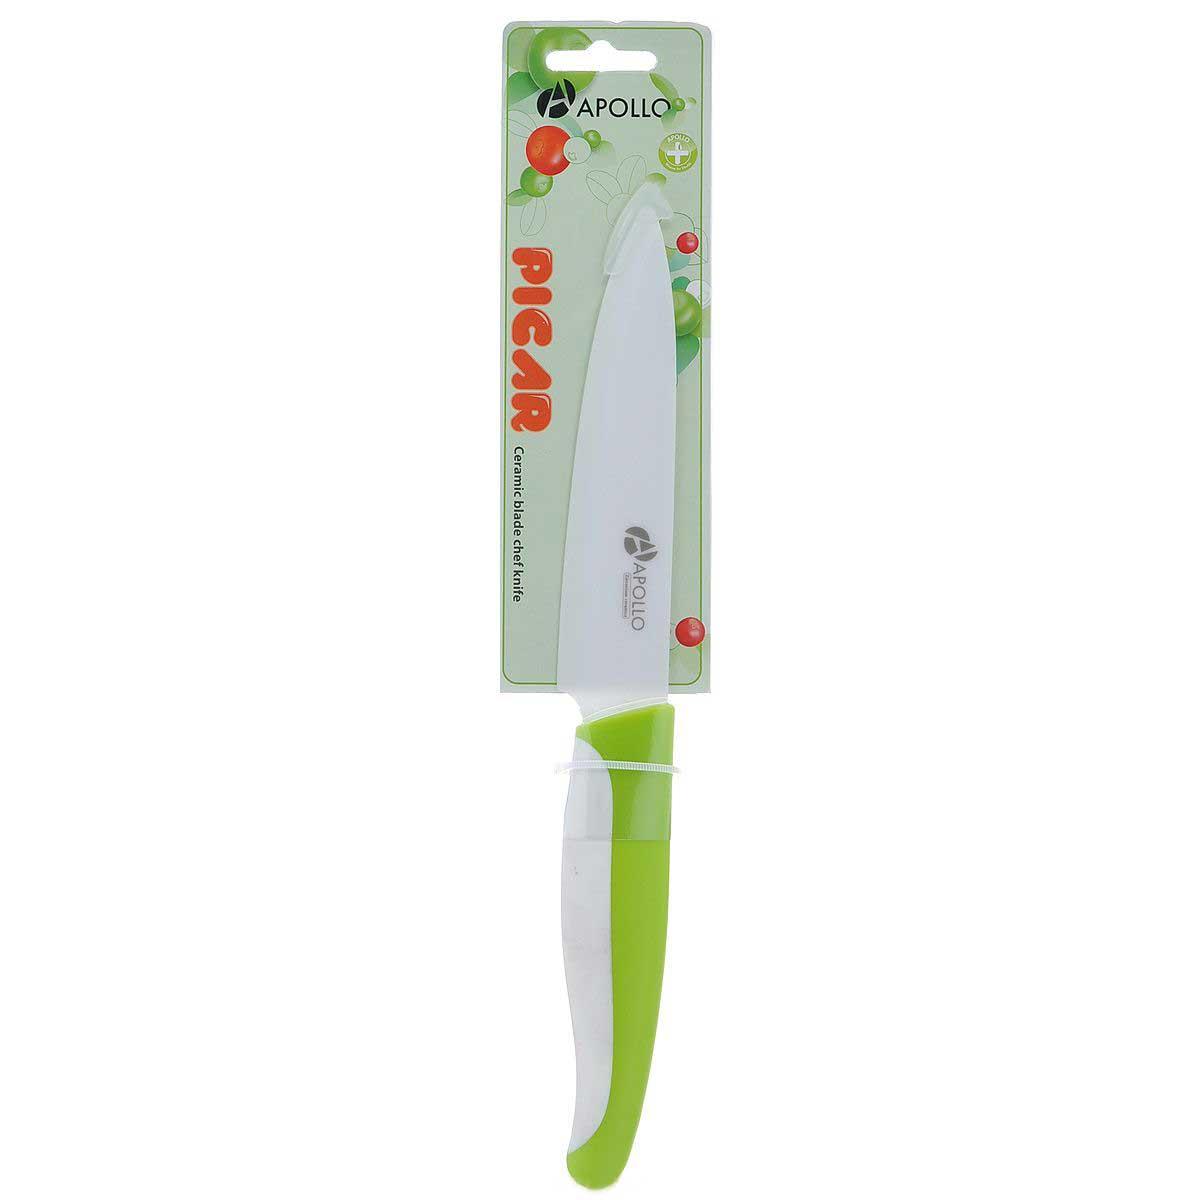 Нож универсальный Apollo Picar, керамический, цвет: белый, салатовый, длина лезвия 10 смPCR-02_салатовыйНож Apollo Picar изготовлен из высококачественной циркониевой керамики - гигиеничного, экологически чистого материала. Нож имеет острое лезвие, не требующее дополнительной заточки. Эргономичная рукоятка, выполненная из высококачественного пищевого пластика, не скользит в руках и делает резку удобной и безопасной. Такой нож предназначен для нарезки твердых и мягких продуктов: овощей, фруктов, сыра, мяса. Керамика - это отличная альтернатива металлу. В отличие от стальных ножей, керамические ножи не переносят ионы металла в пищу, не разрушаются от кислот овощей и фруктов и никогда не заржавеют. Этот нож будет служить вам многие годы при соблюдении простых правил. Общая длина ножа: 22 см.